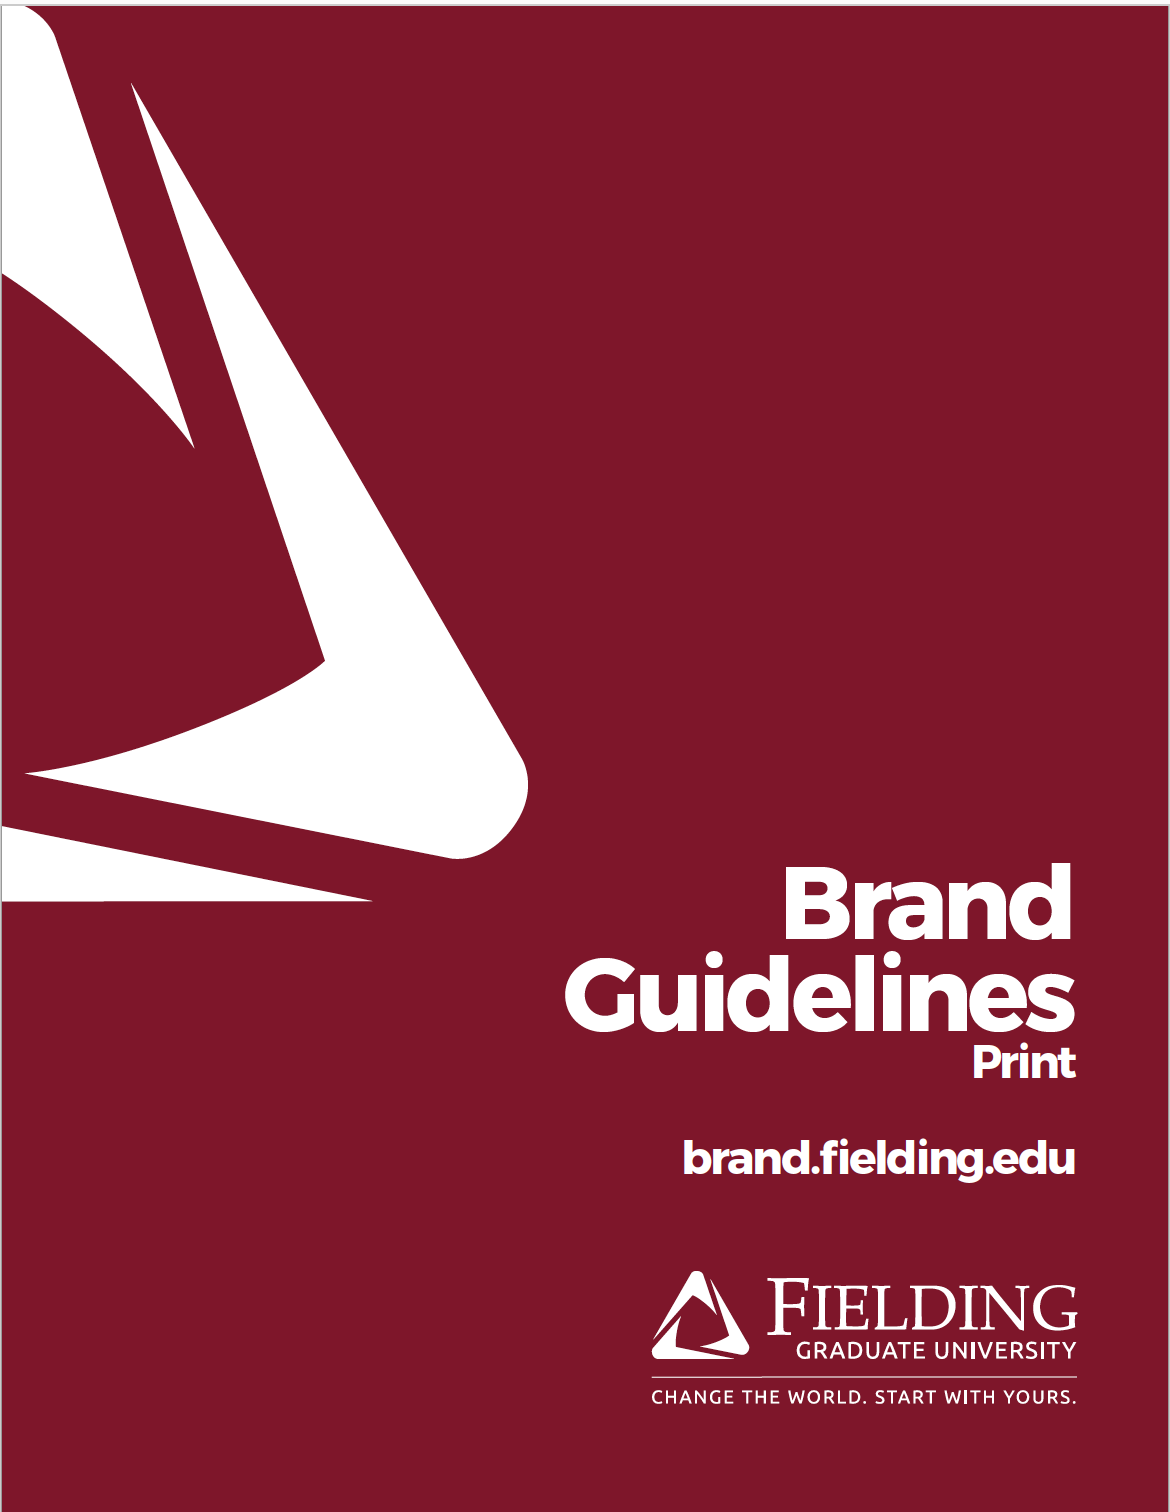 Fielding Brand Guidelines